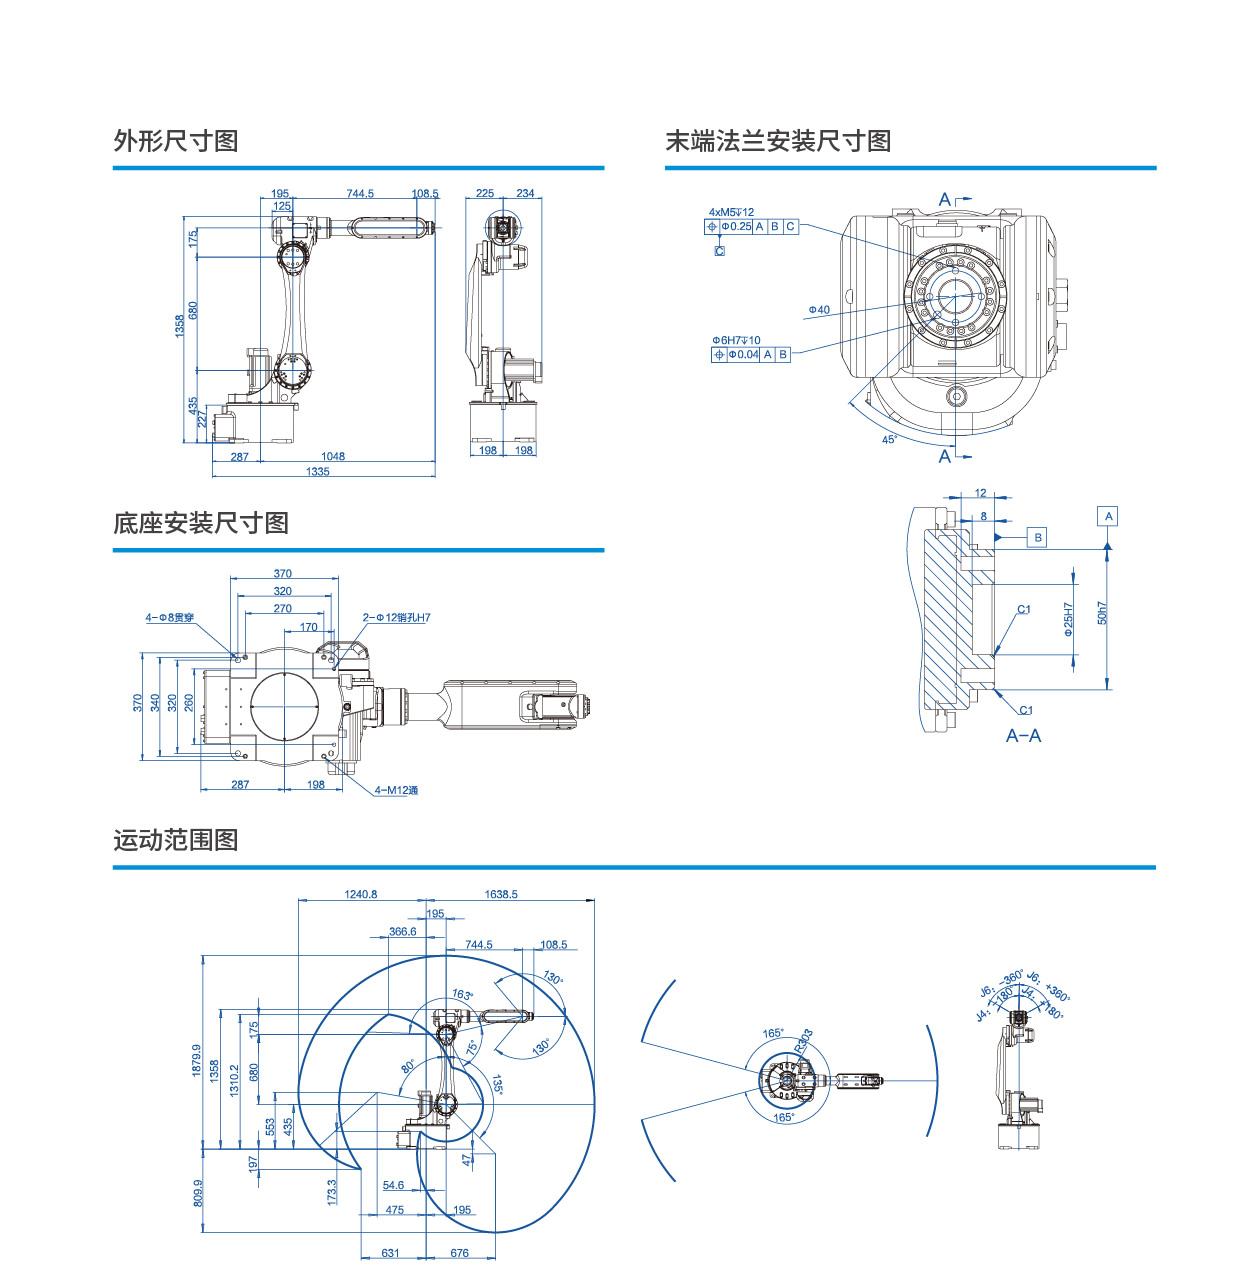 灵猴 LR10-R1640 六轴机器人